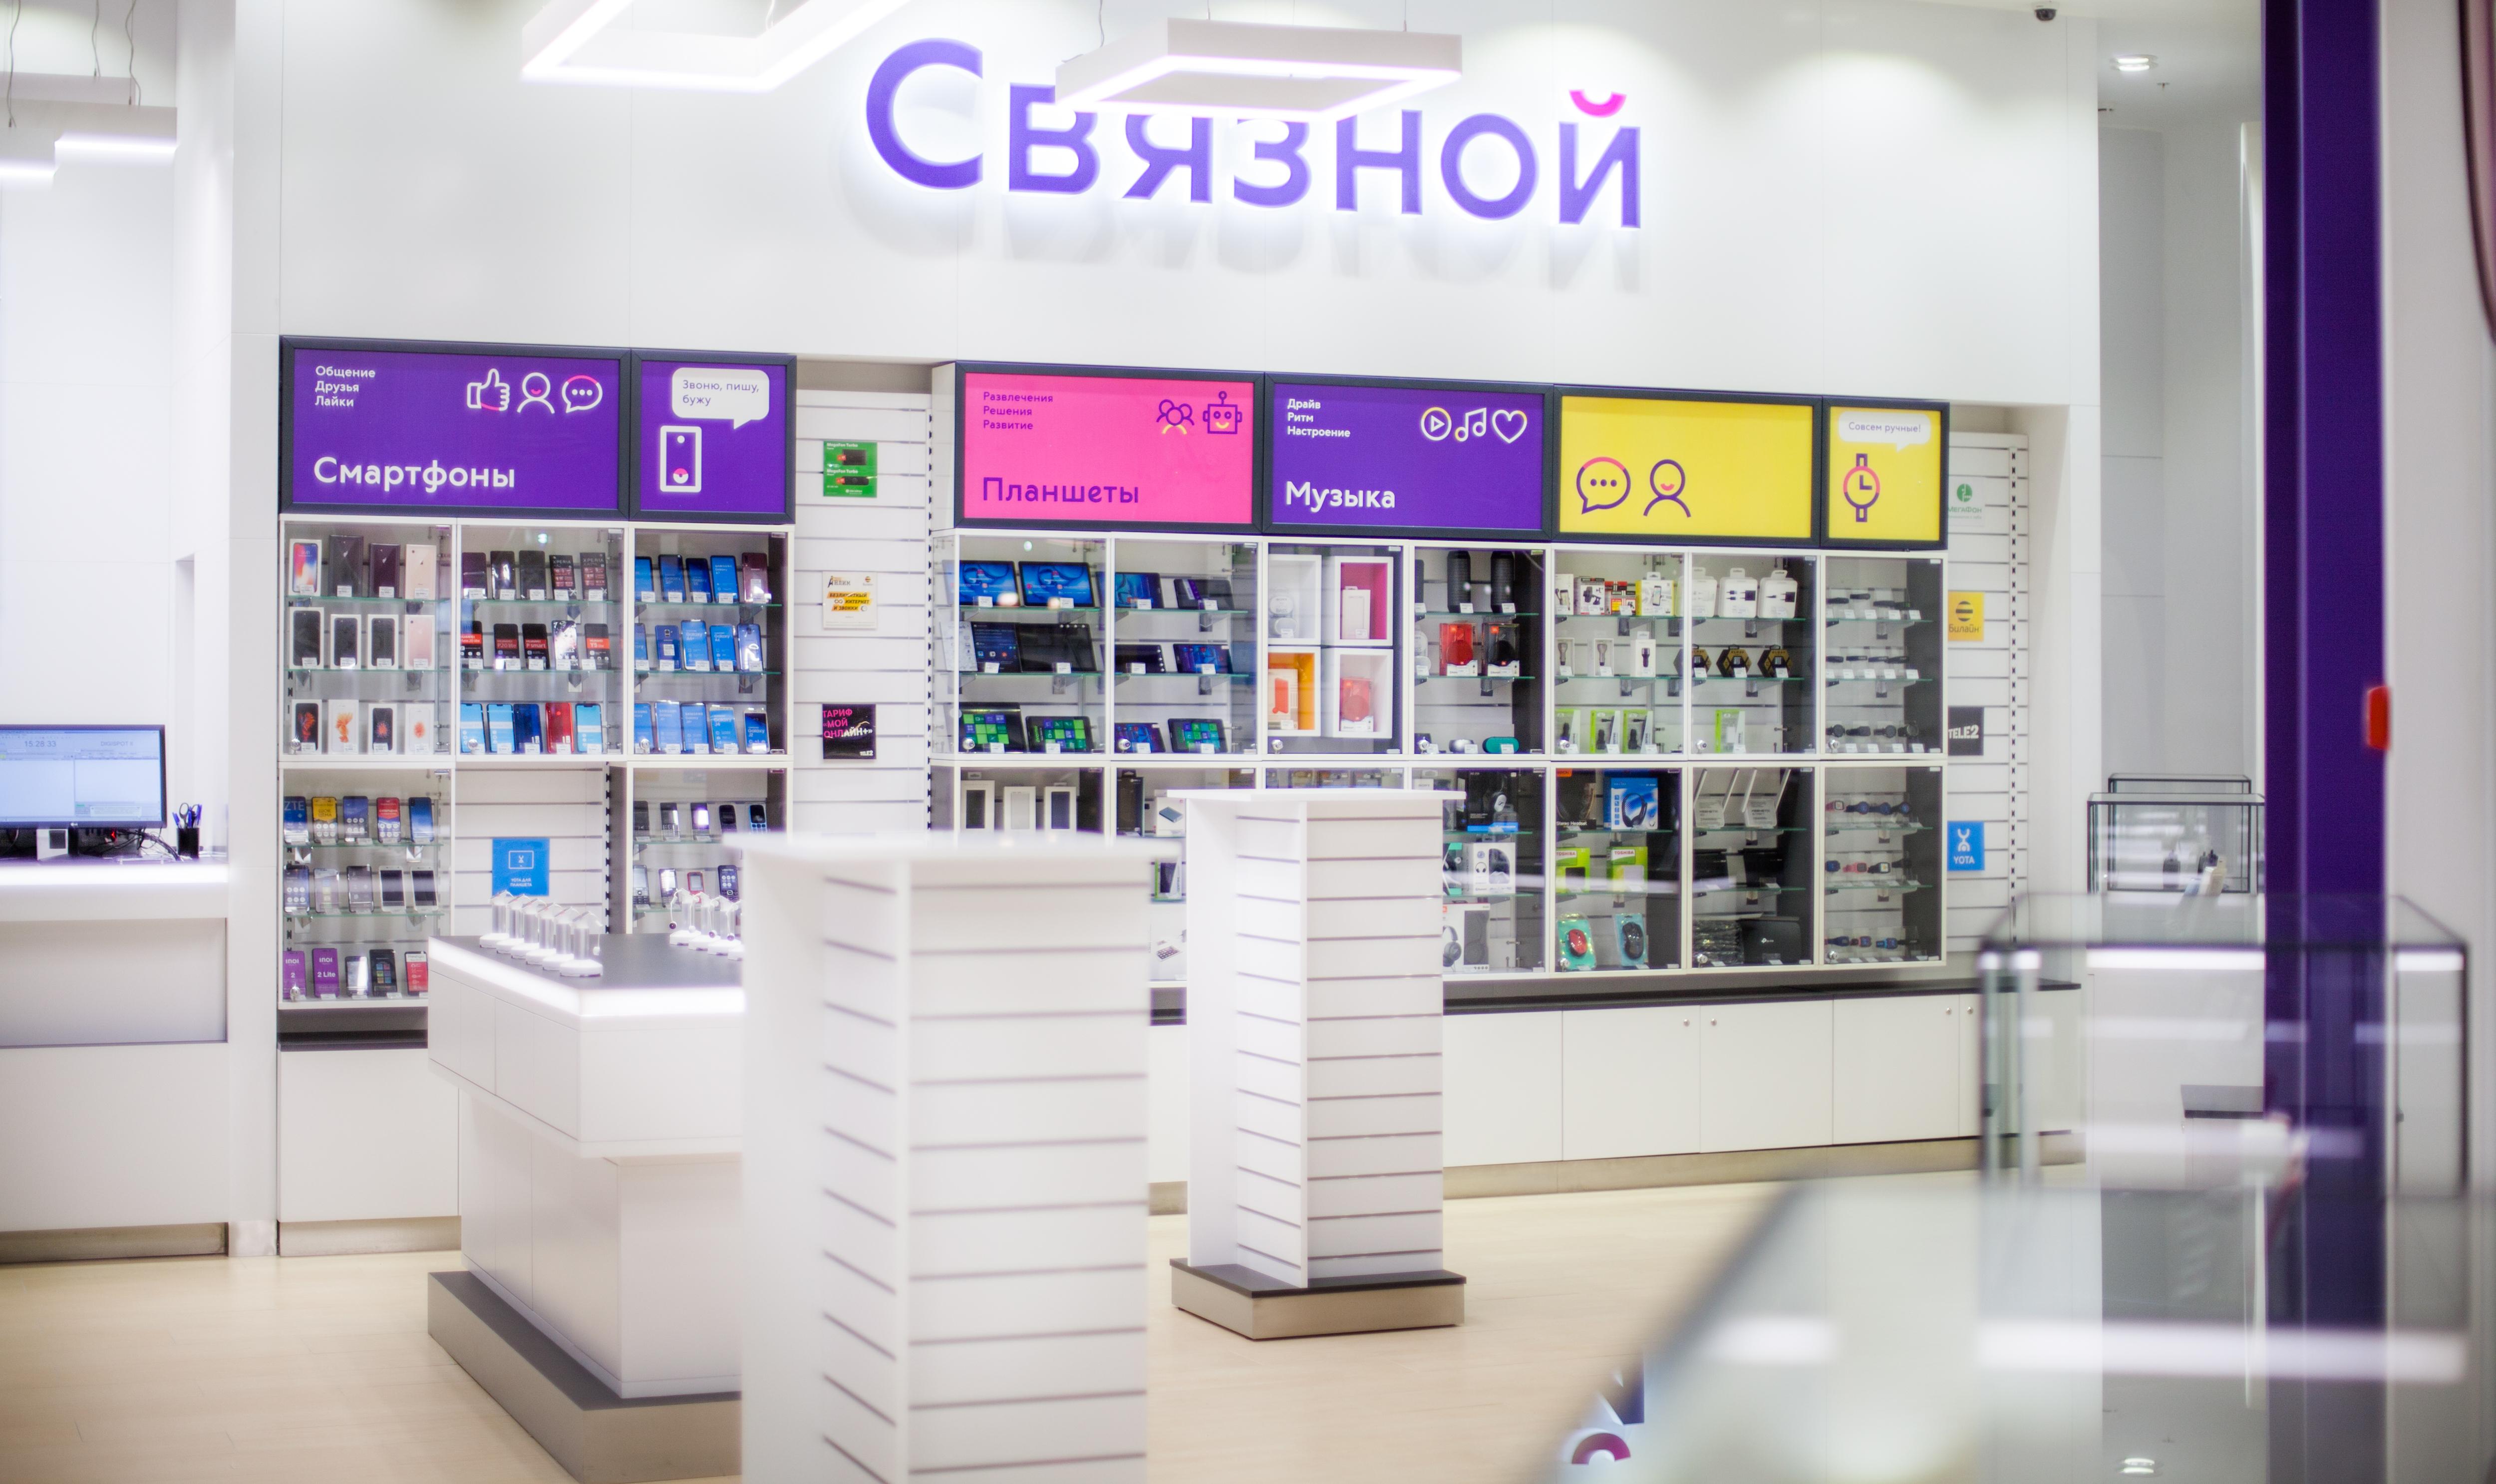 взять в кредит телефон в связном онлайн заявка в москве